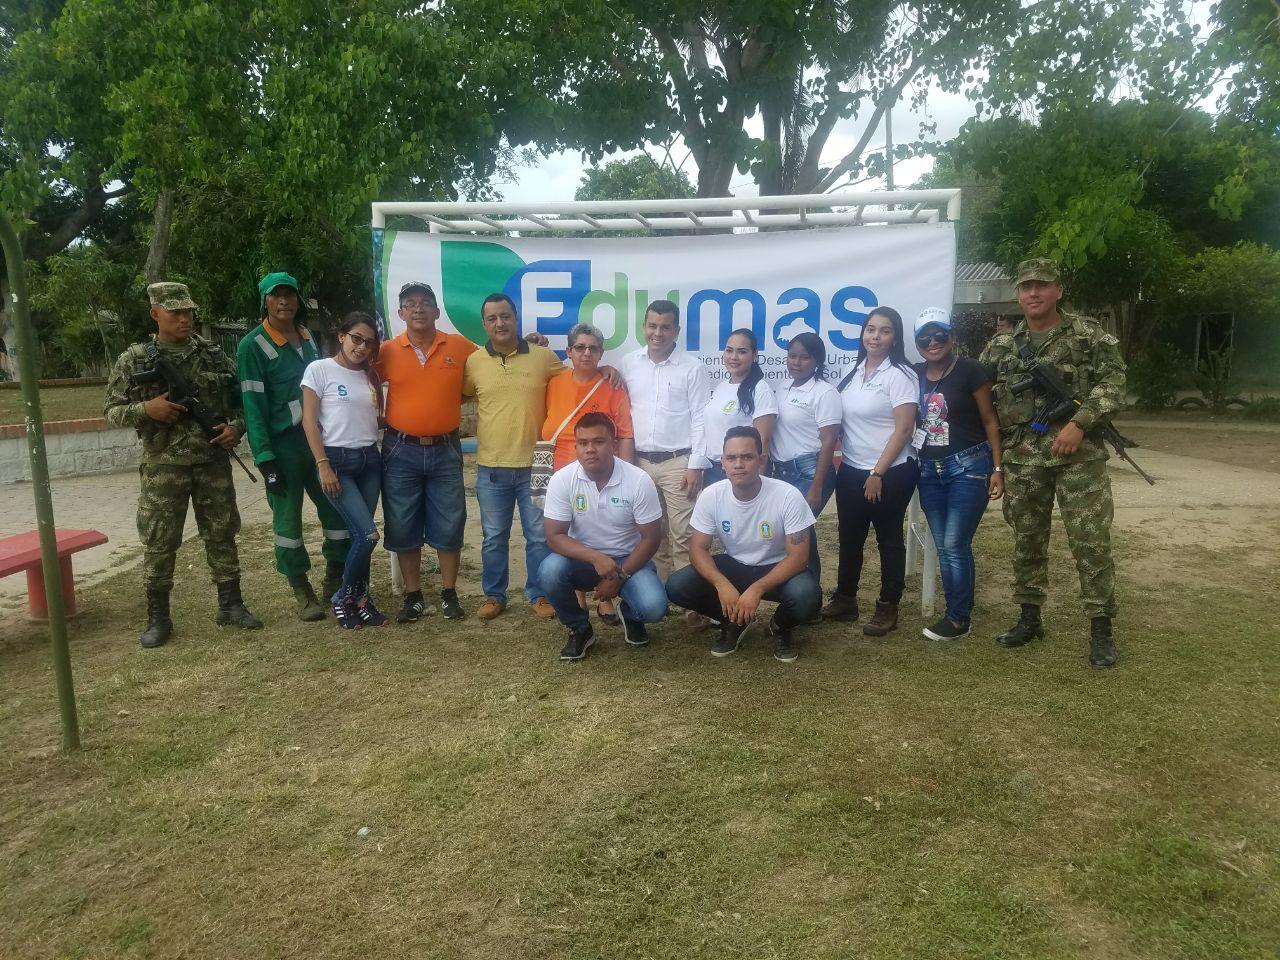 Jornada De Socialización Y Sensibilización De Residuos Sólidos En El Barrio La María